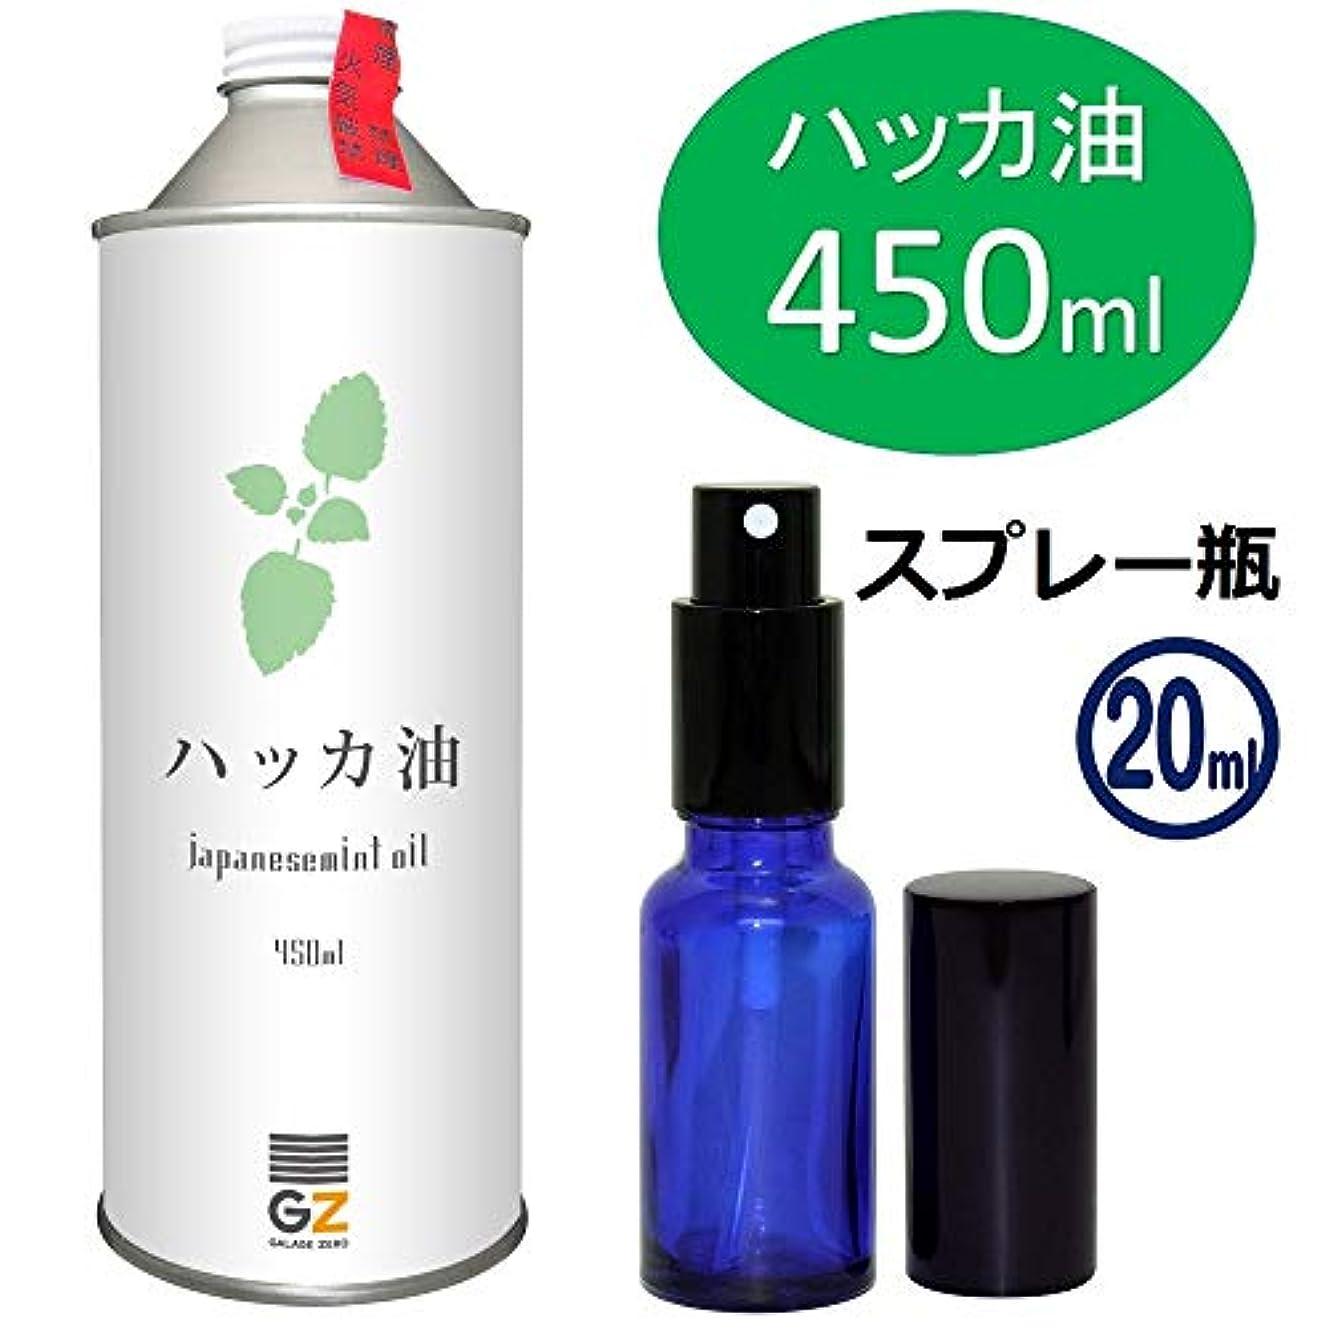 一致外部したがってガレージ?ゼロ ハッカ油 450ml(GZAK13)+ガラス瓶 スプレーボトル20ml/和種薄荷/ジャパニーズミント GSE534